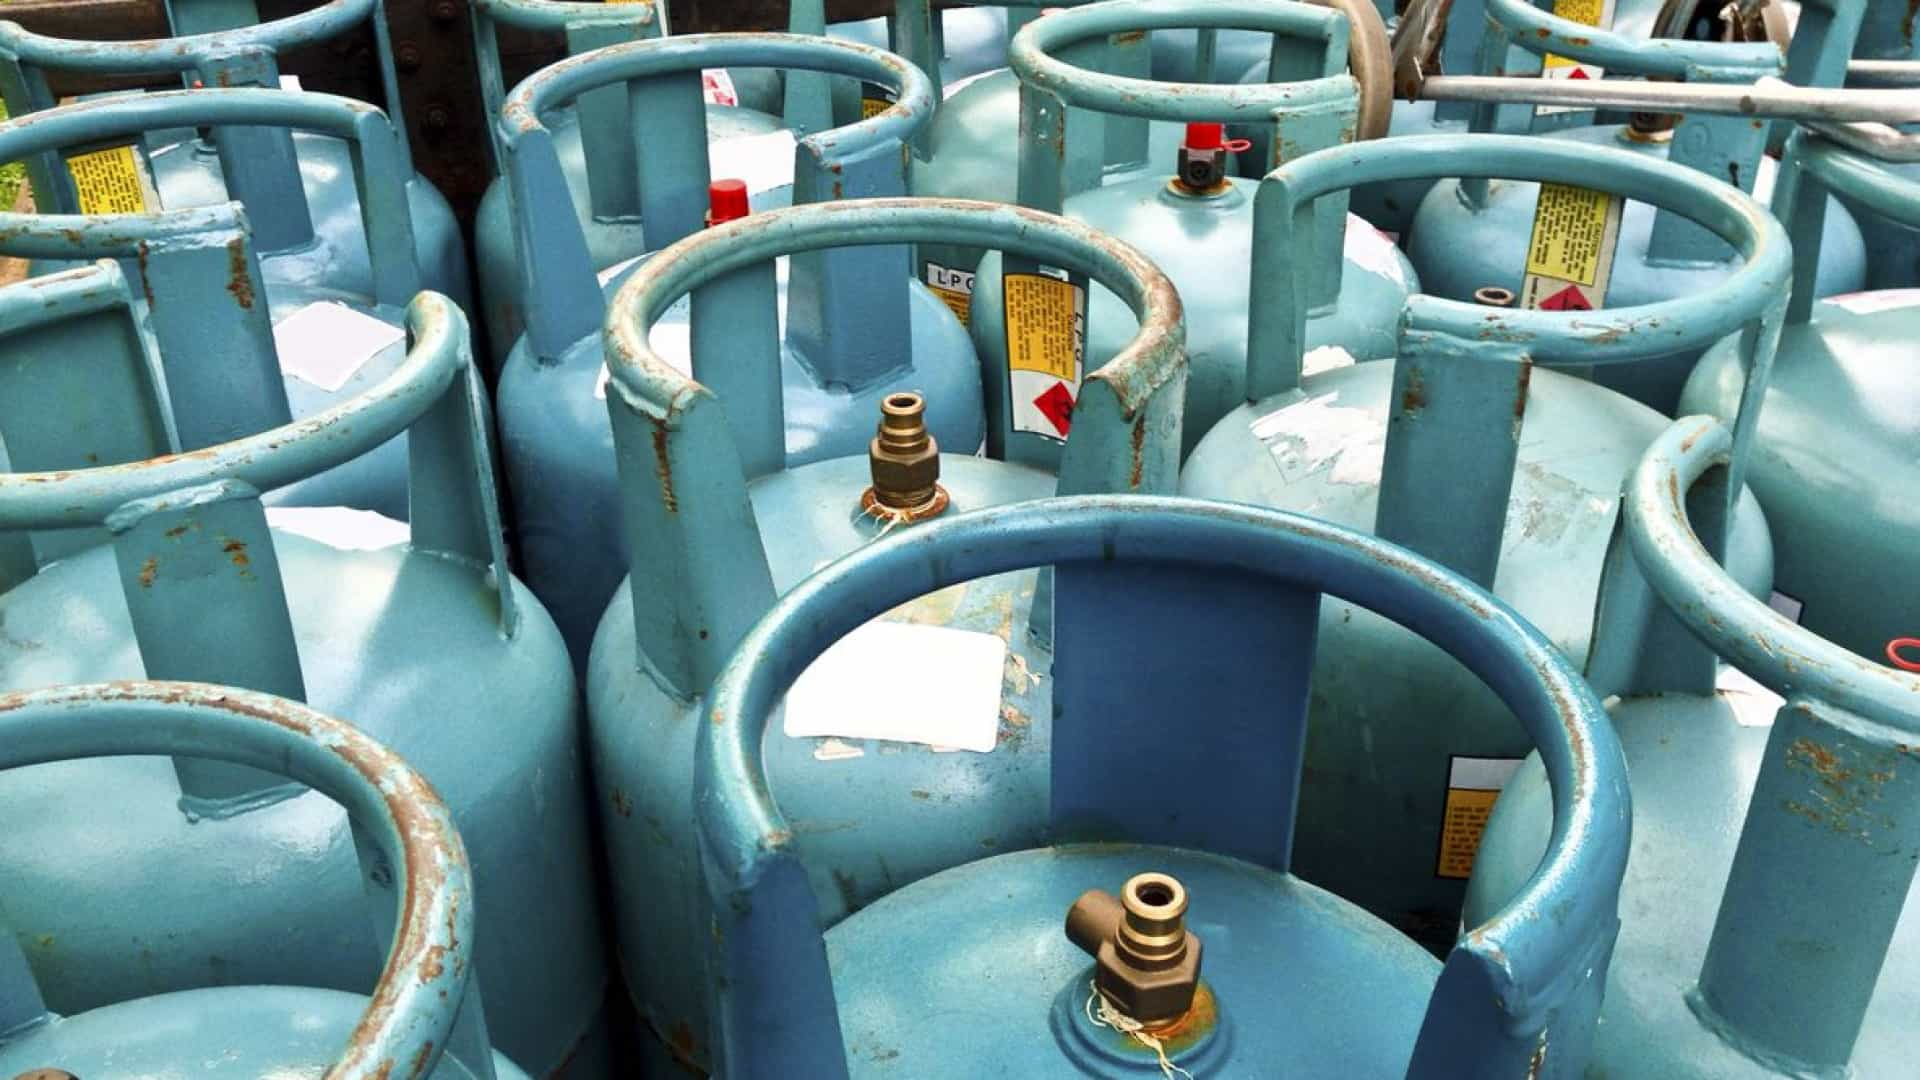 DECO quer que redução do IVA no gás engarrafado seja prioridade no OE2019